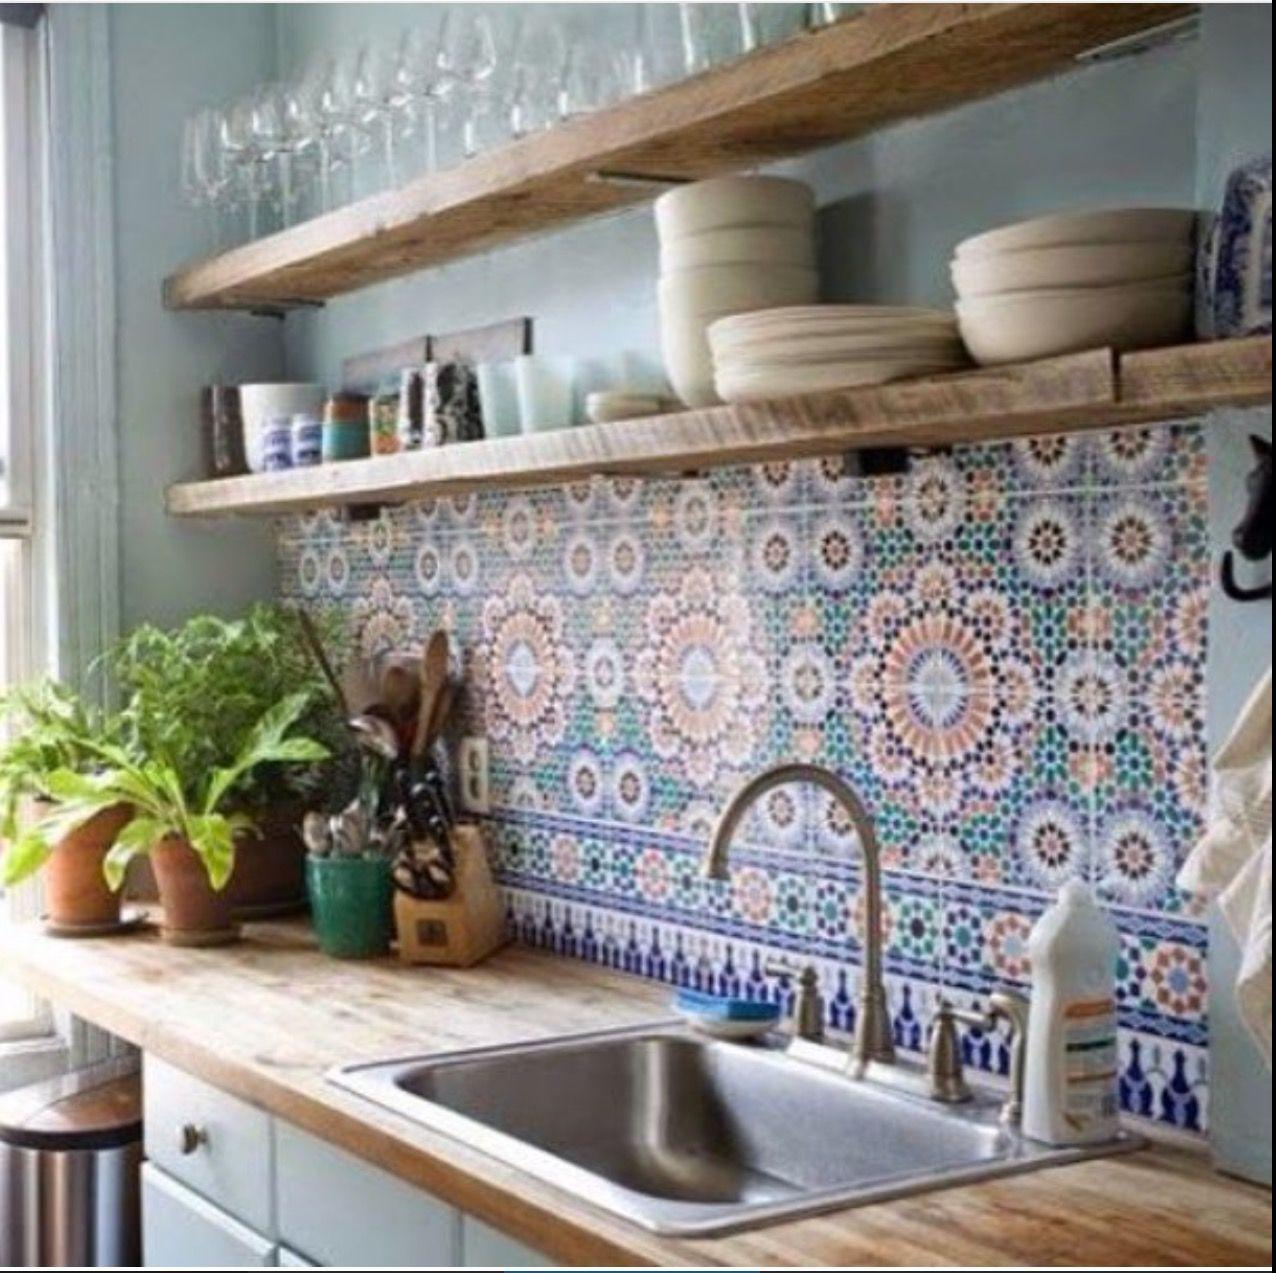 Épinglé par Virginia Lobo sur Kitchen | Pinterest | Cuisines